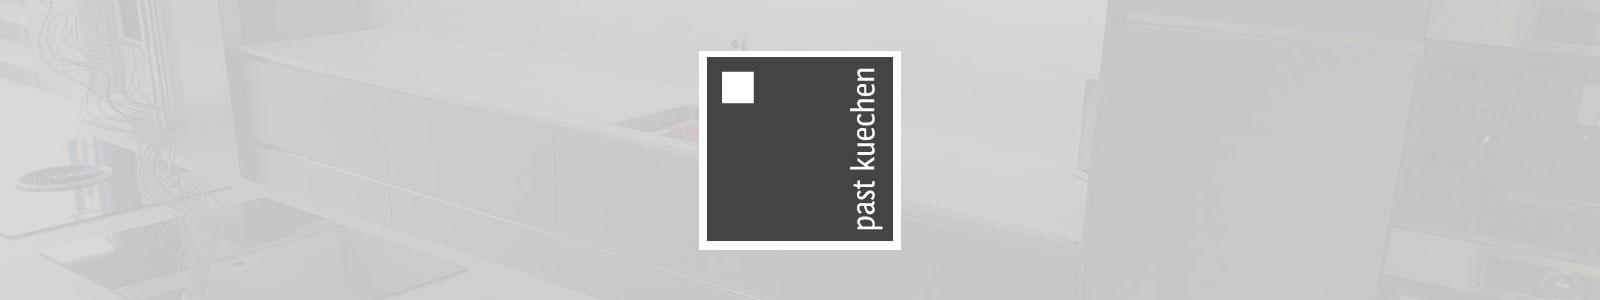 Past Küchen Rottenburg / Laaber